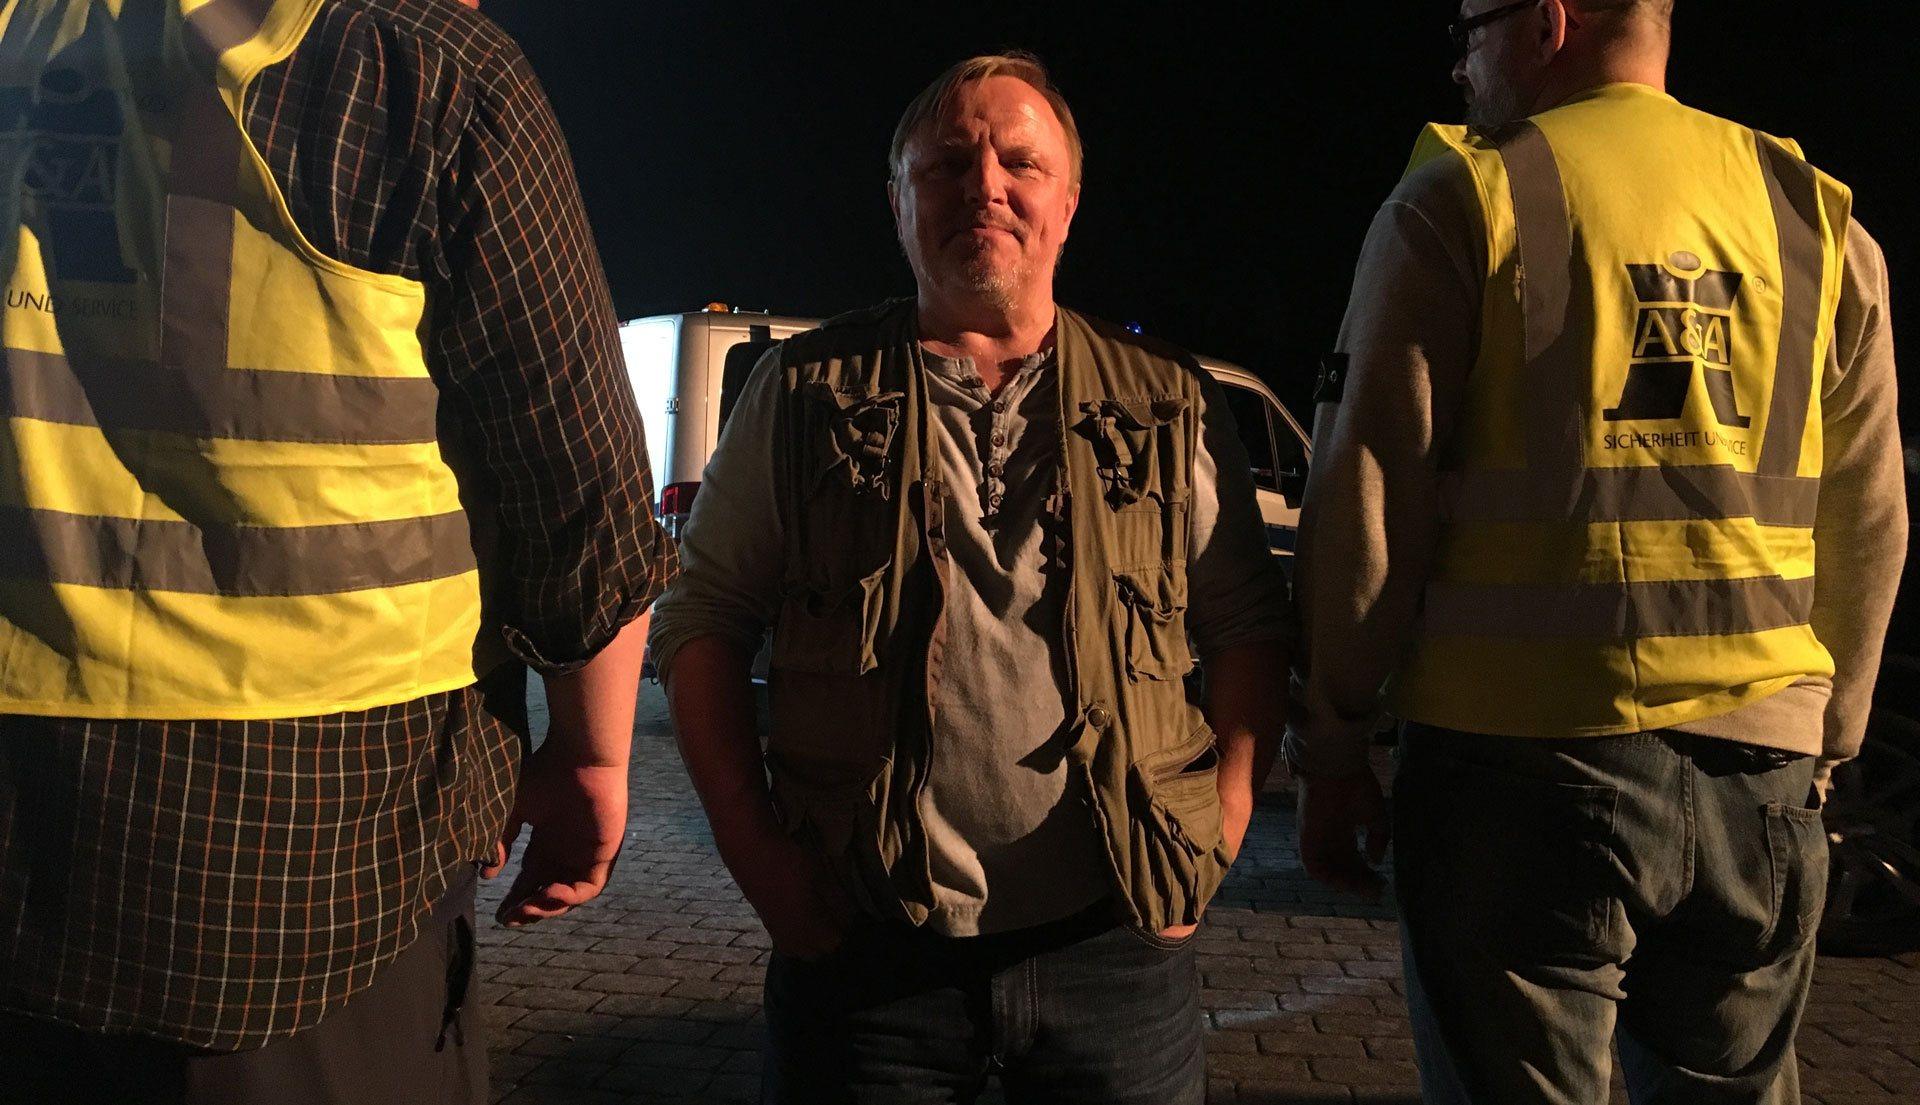 A-A-Sicherheit-Tatort-1